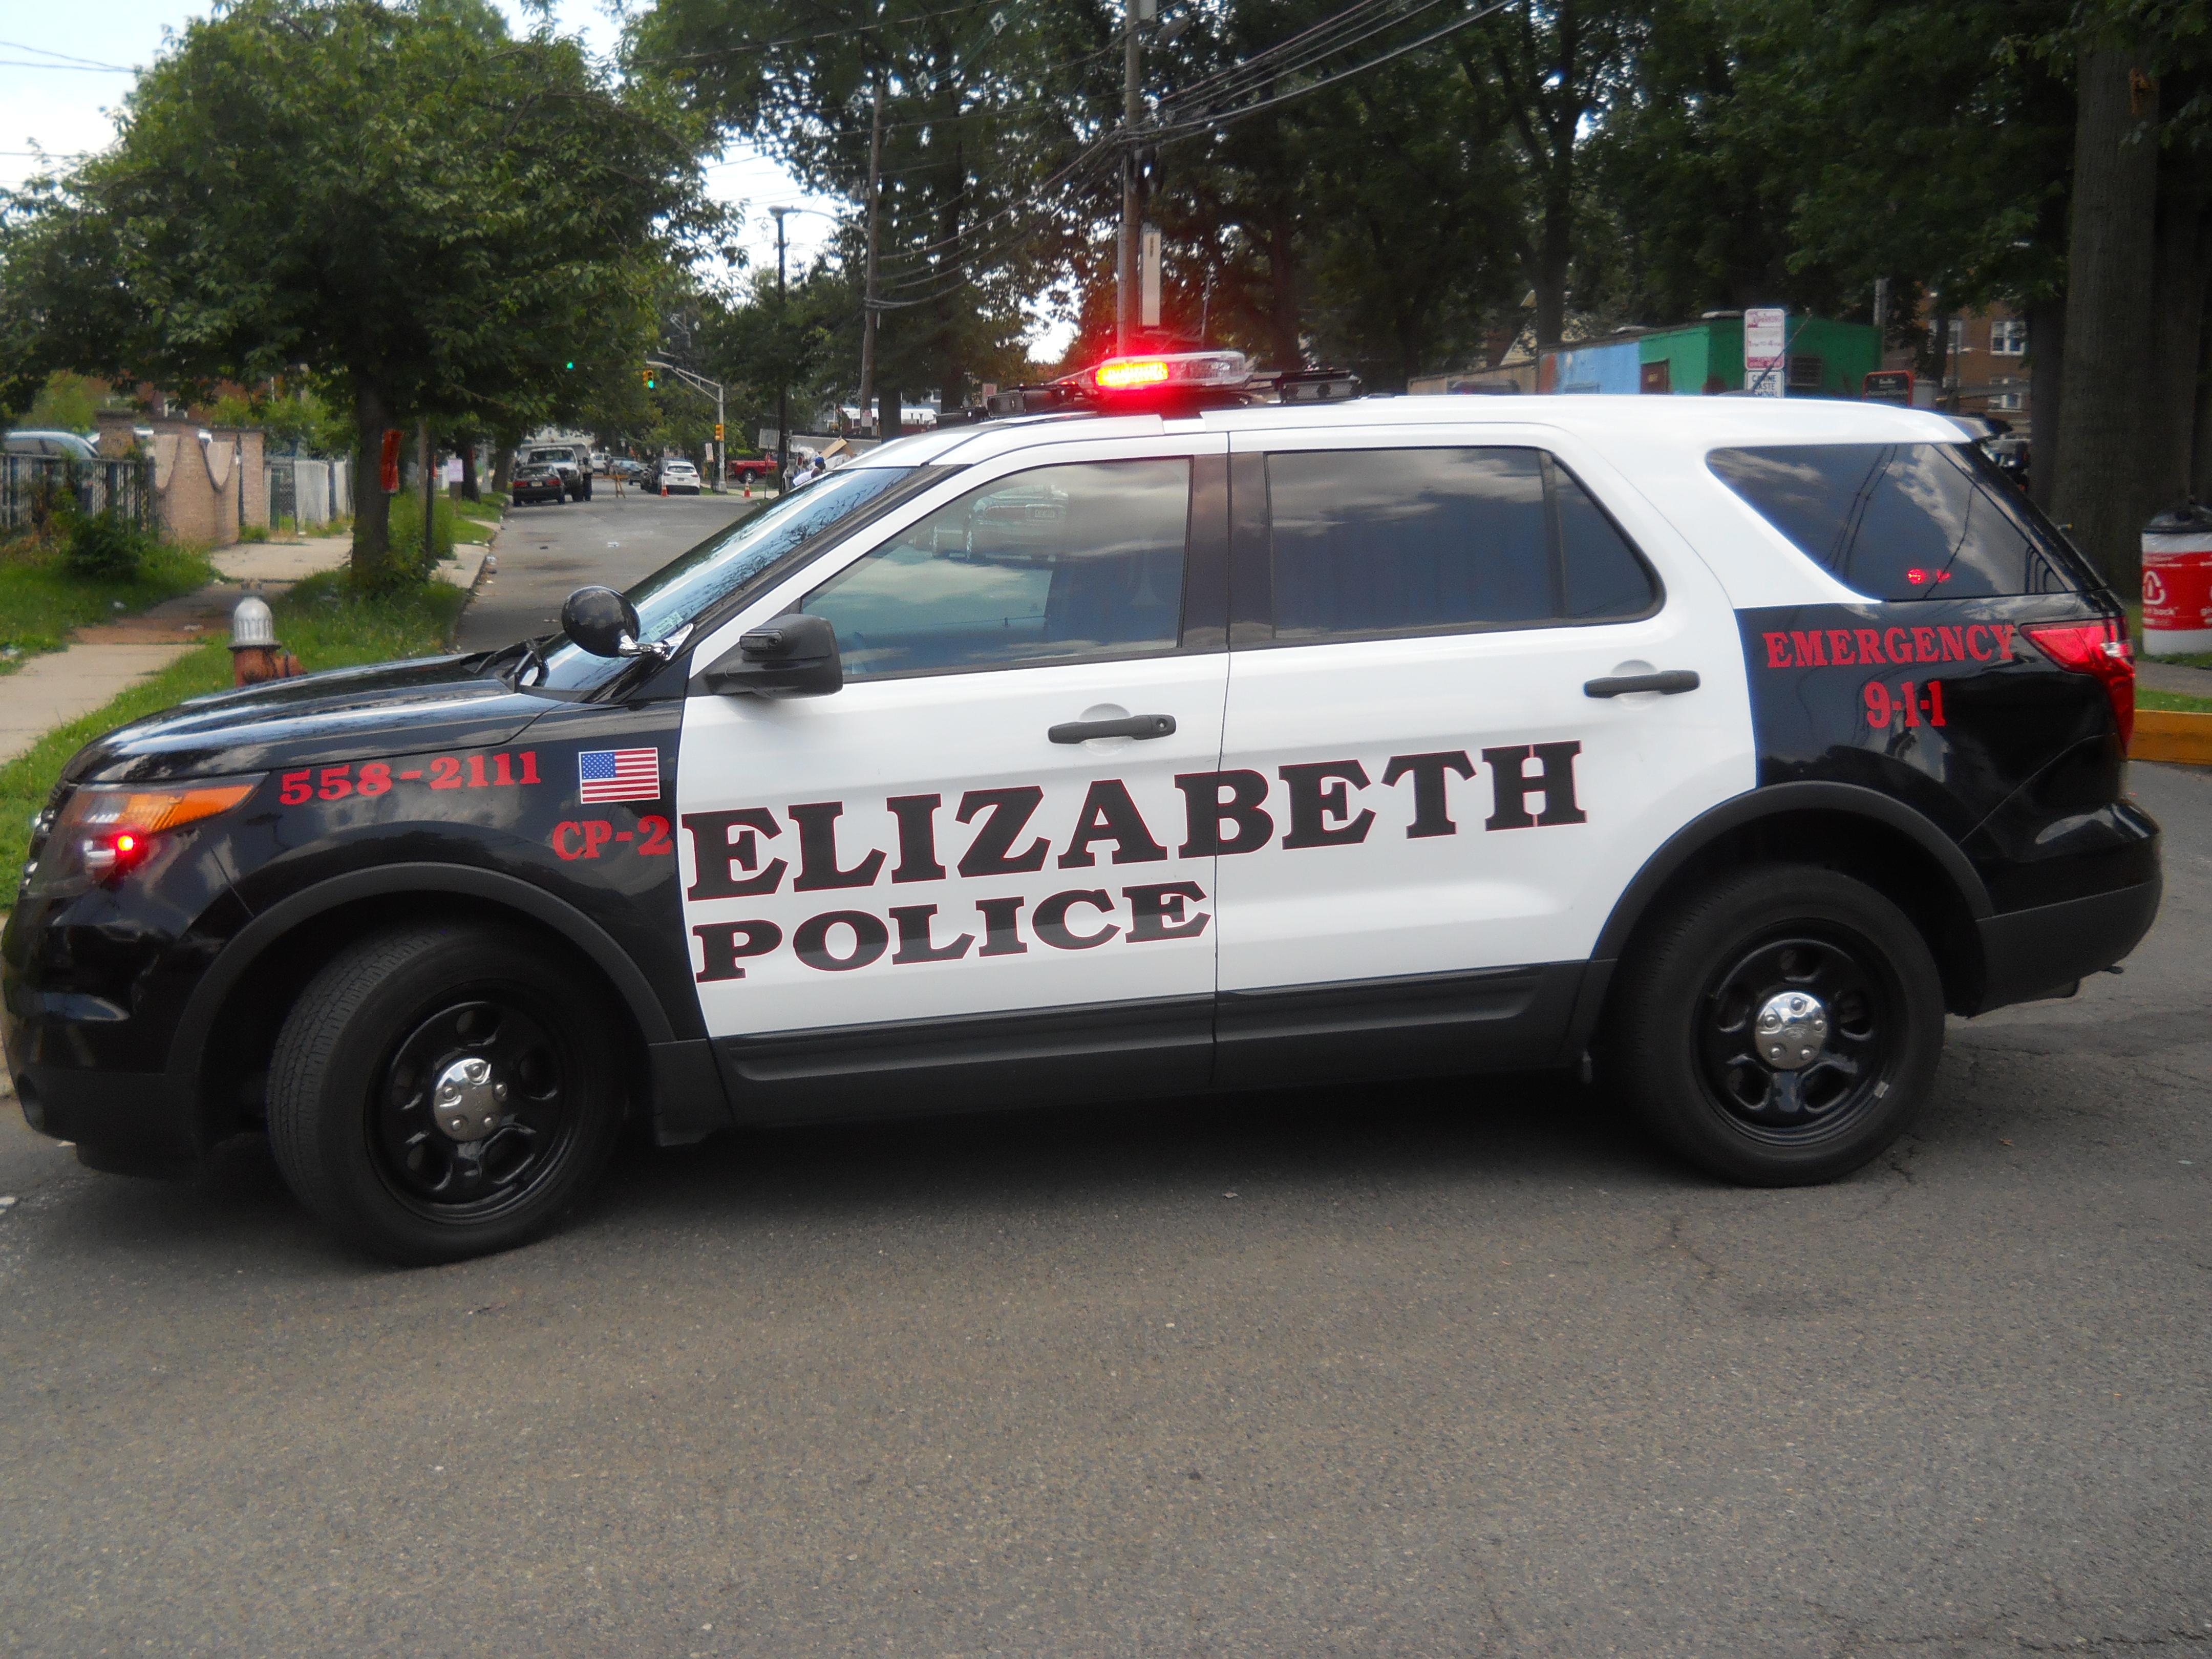 cebc73e76fc00ee0472f_Police_Car.jpg